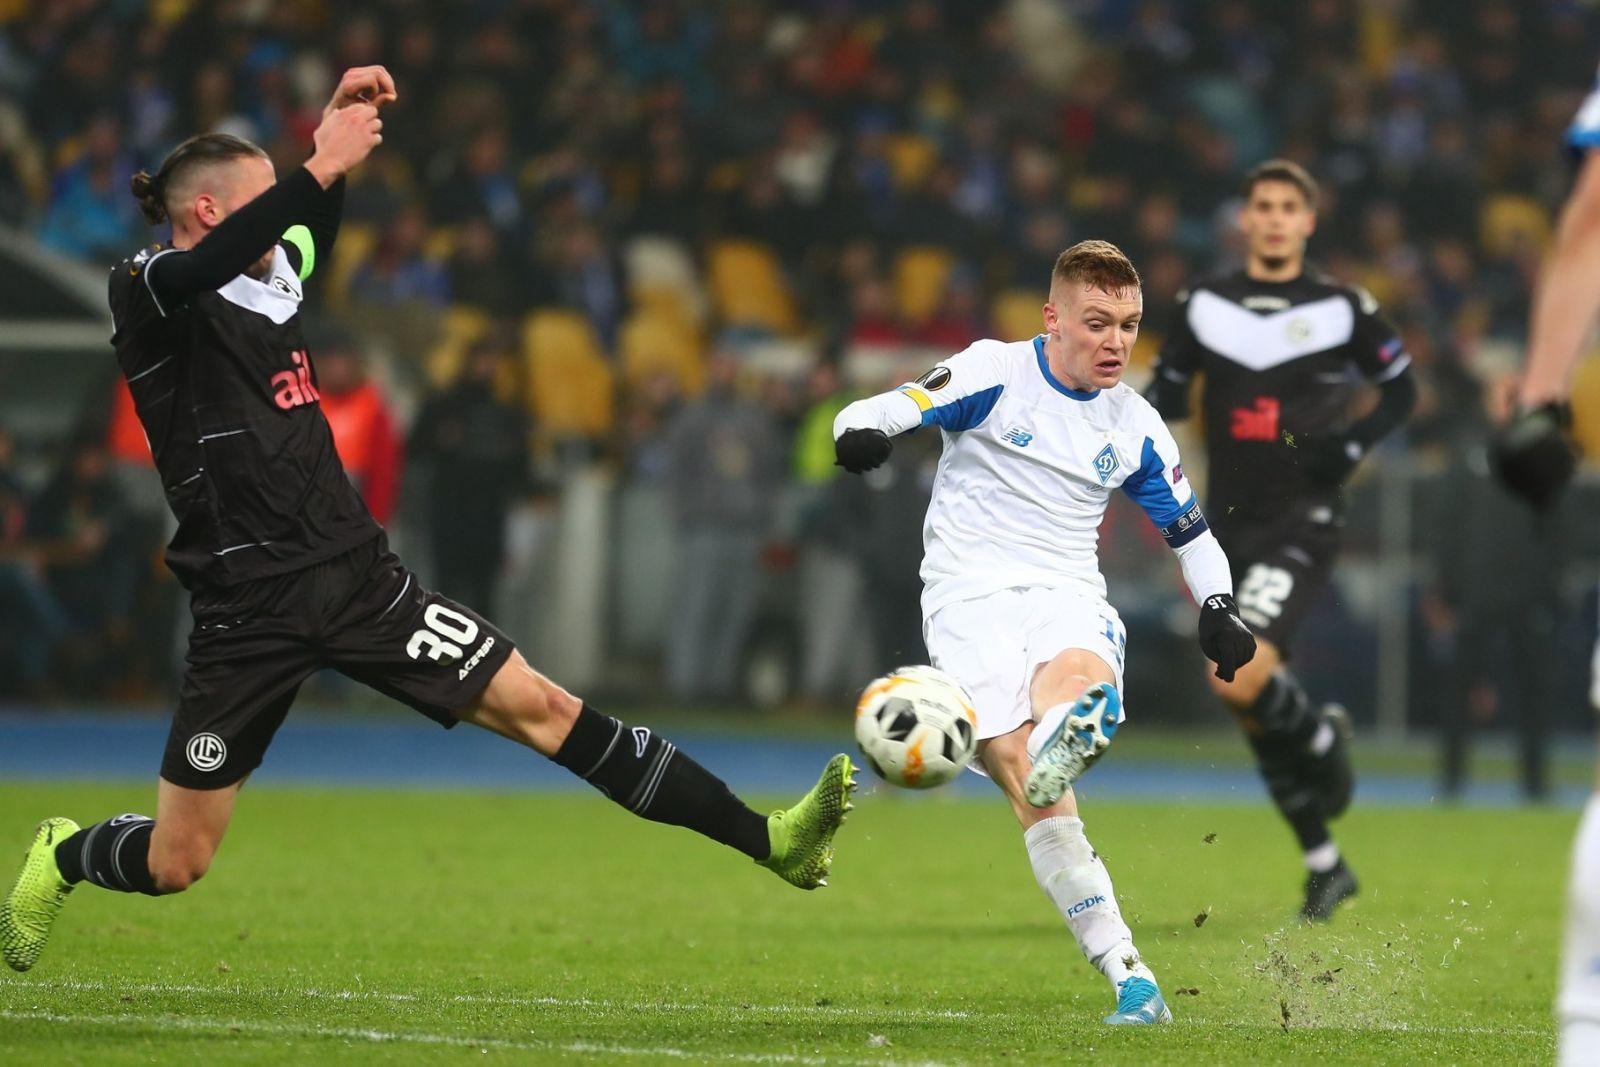 «Динамо» повергло в шок: киевляне вылетают из Лиги Европы, не сумев побе...